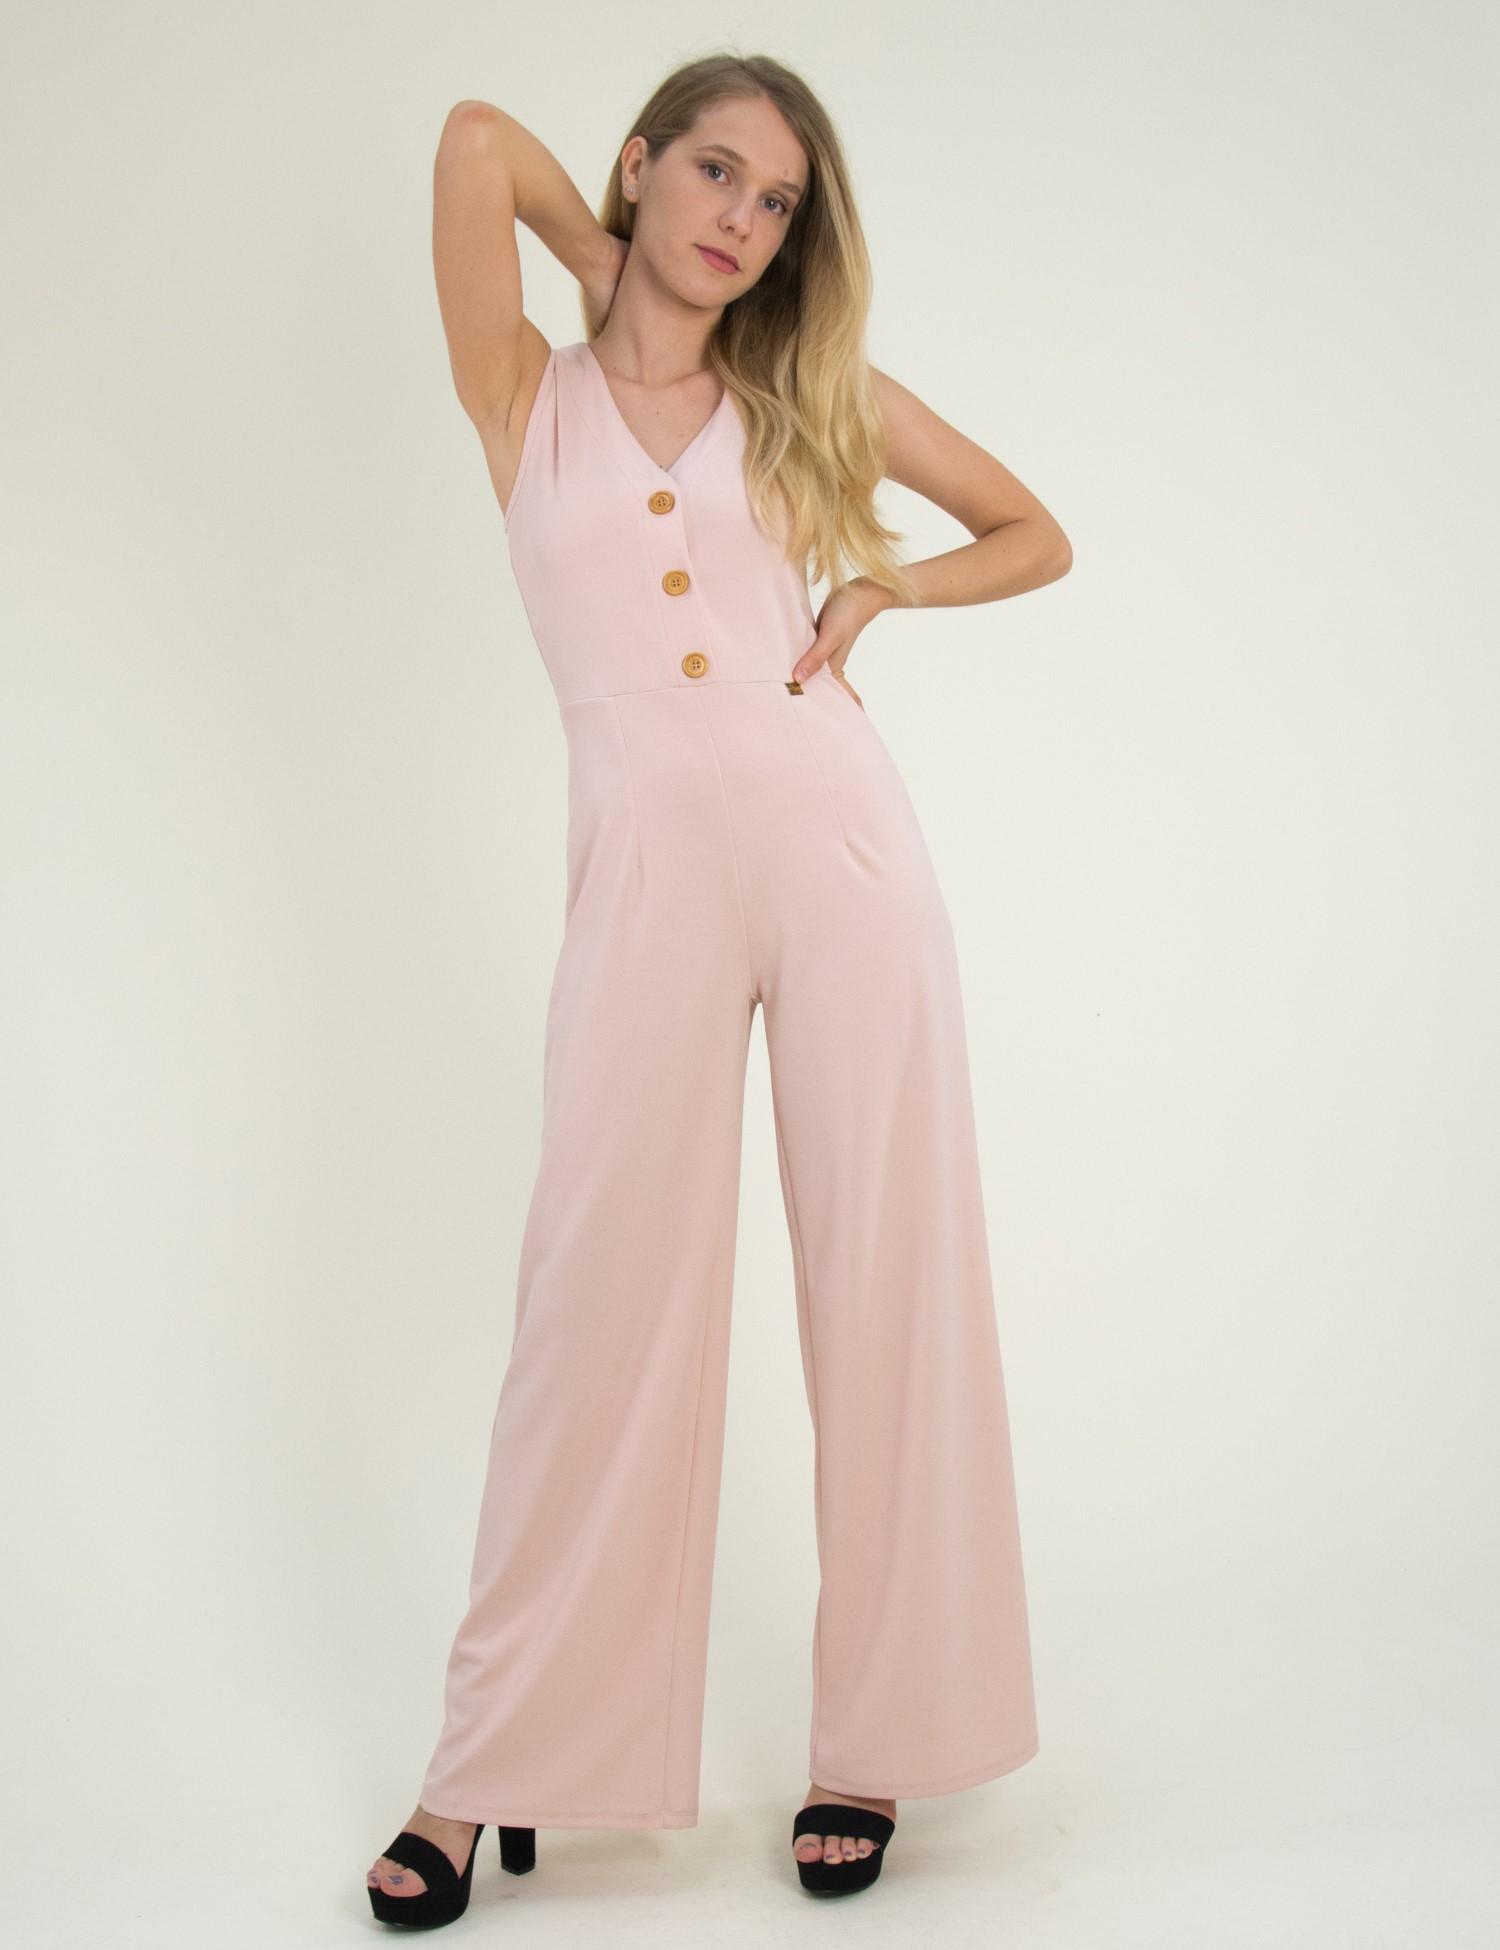 Γυναικεία αμάνικη ολόσωμη φόρμα Lipsy ροζ 1170306 5ac6bfd78f7